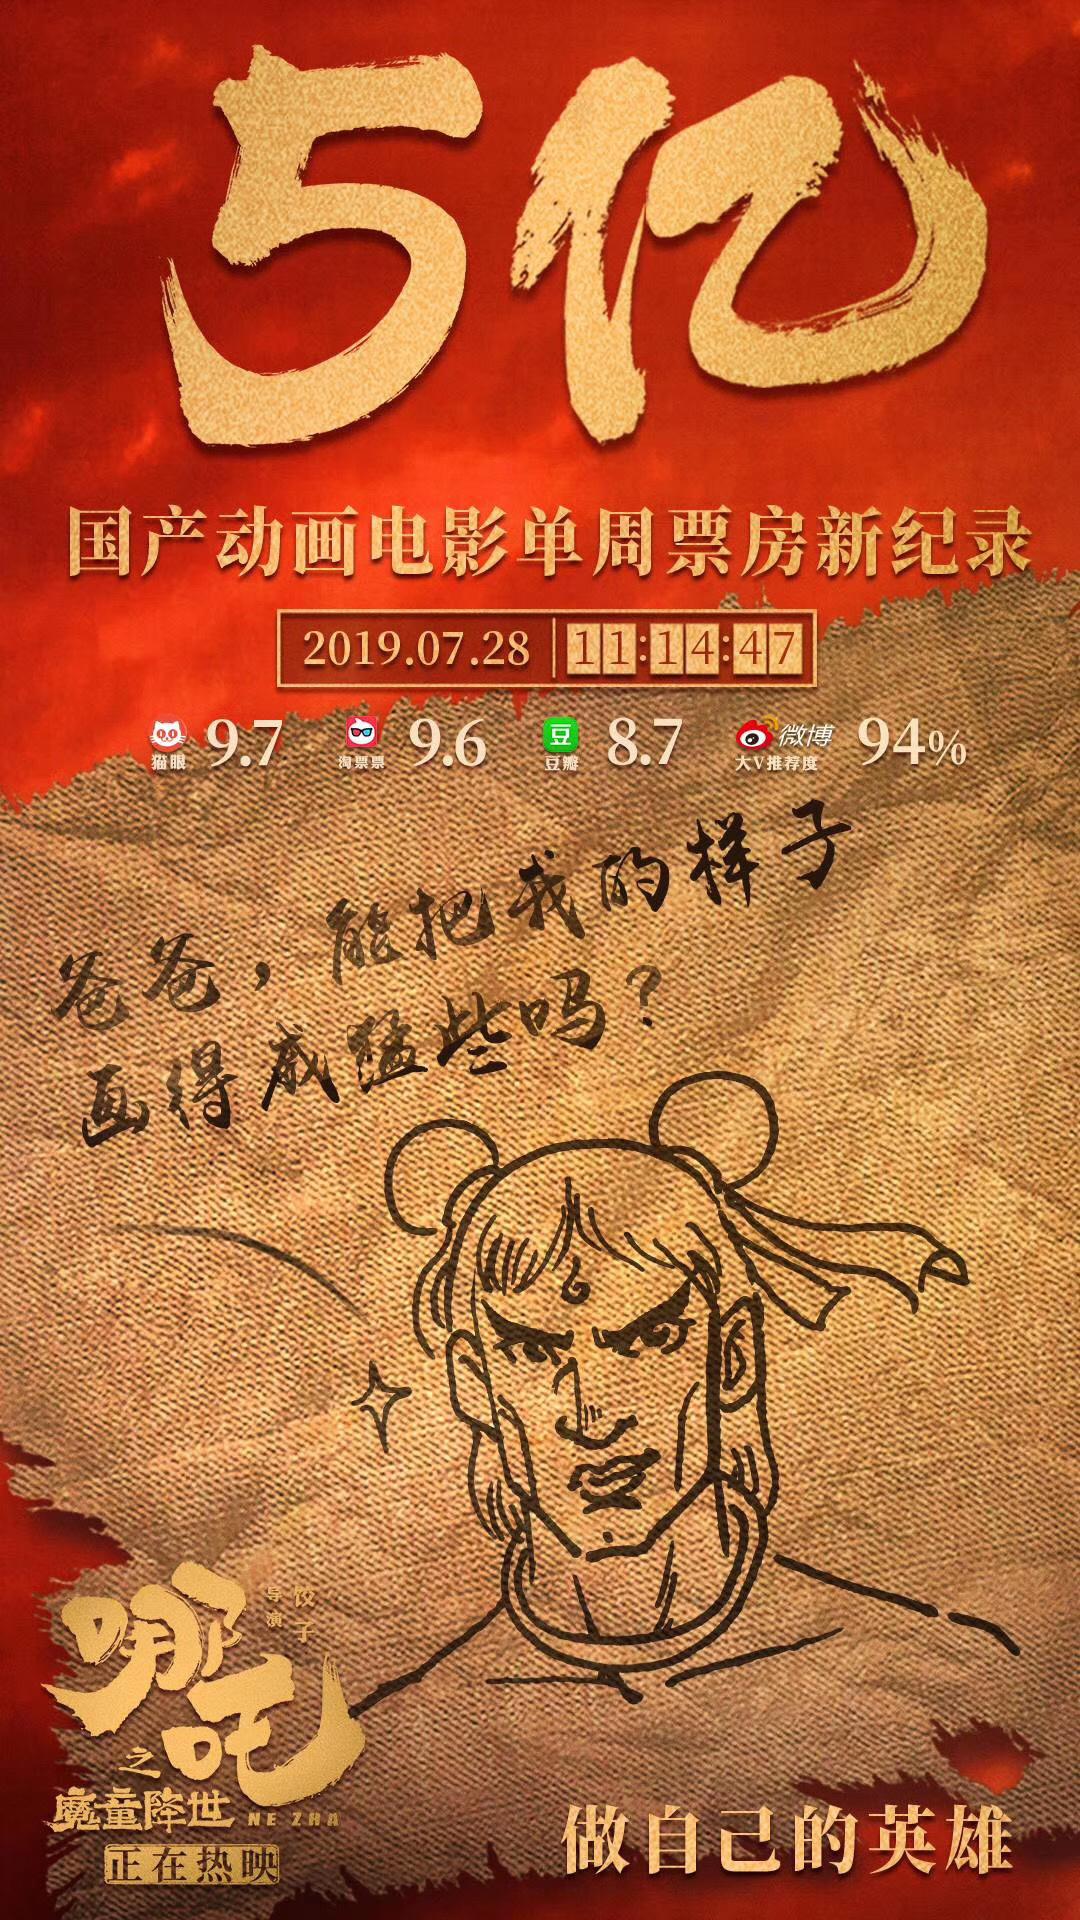 厉害了!《哪吒》刷新中国影史动画首周票房纪录